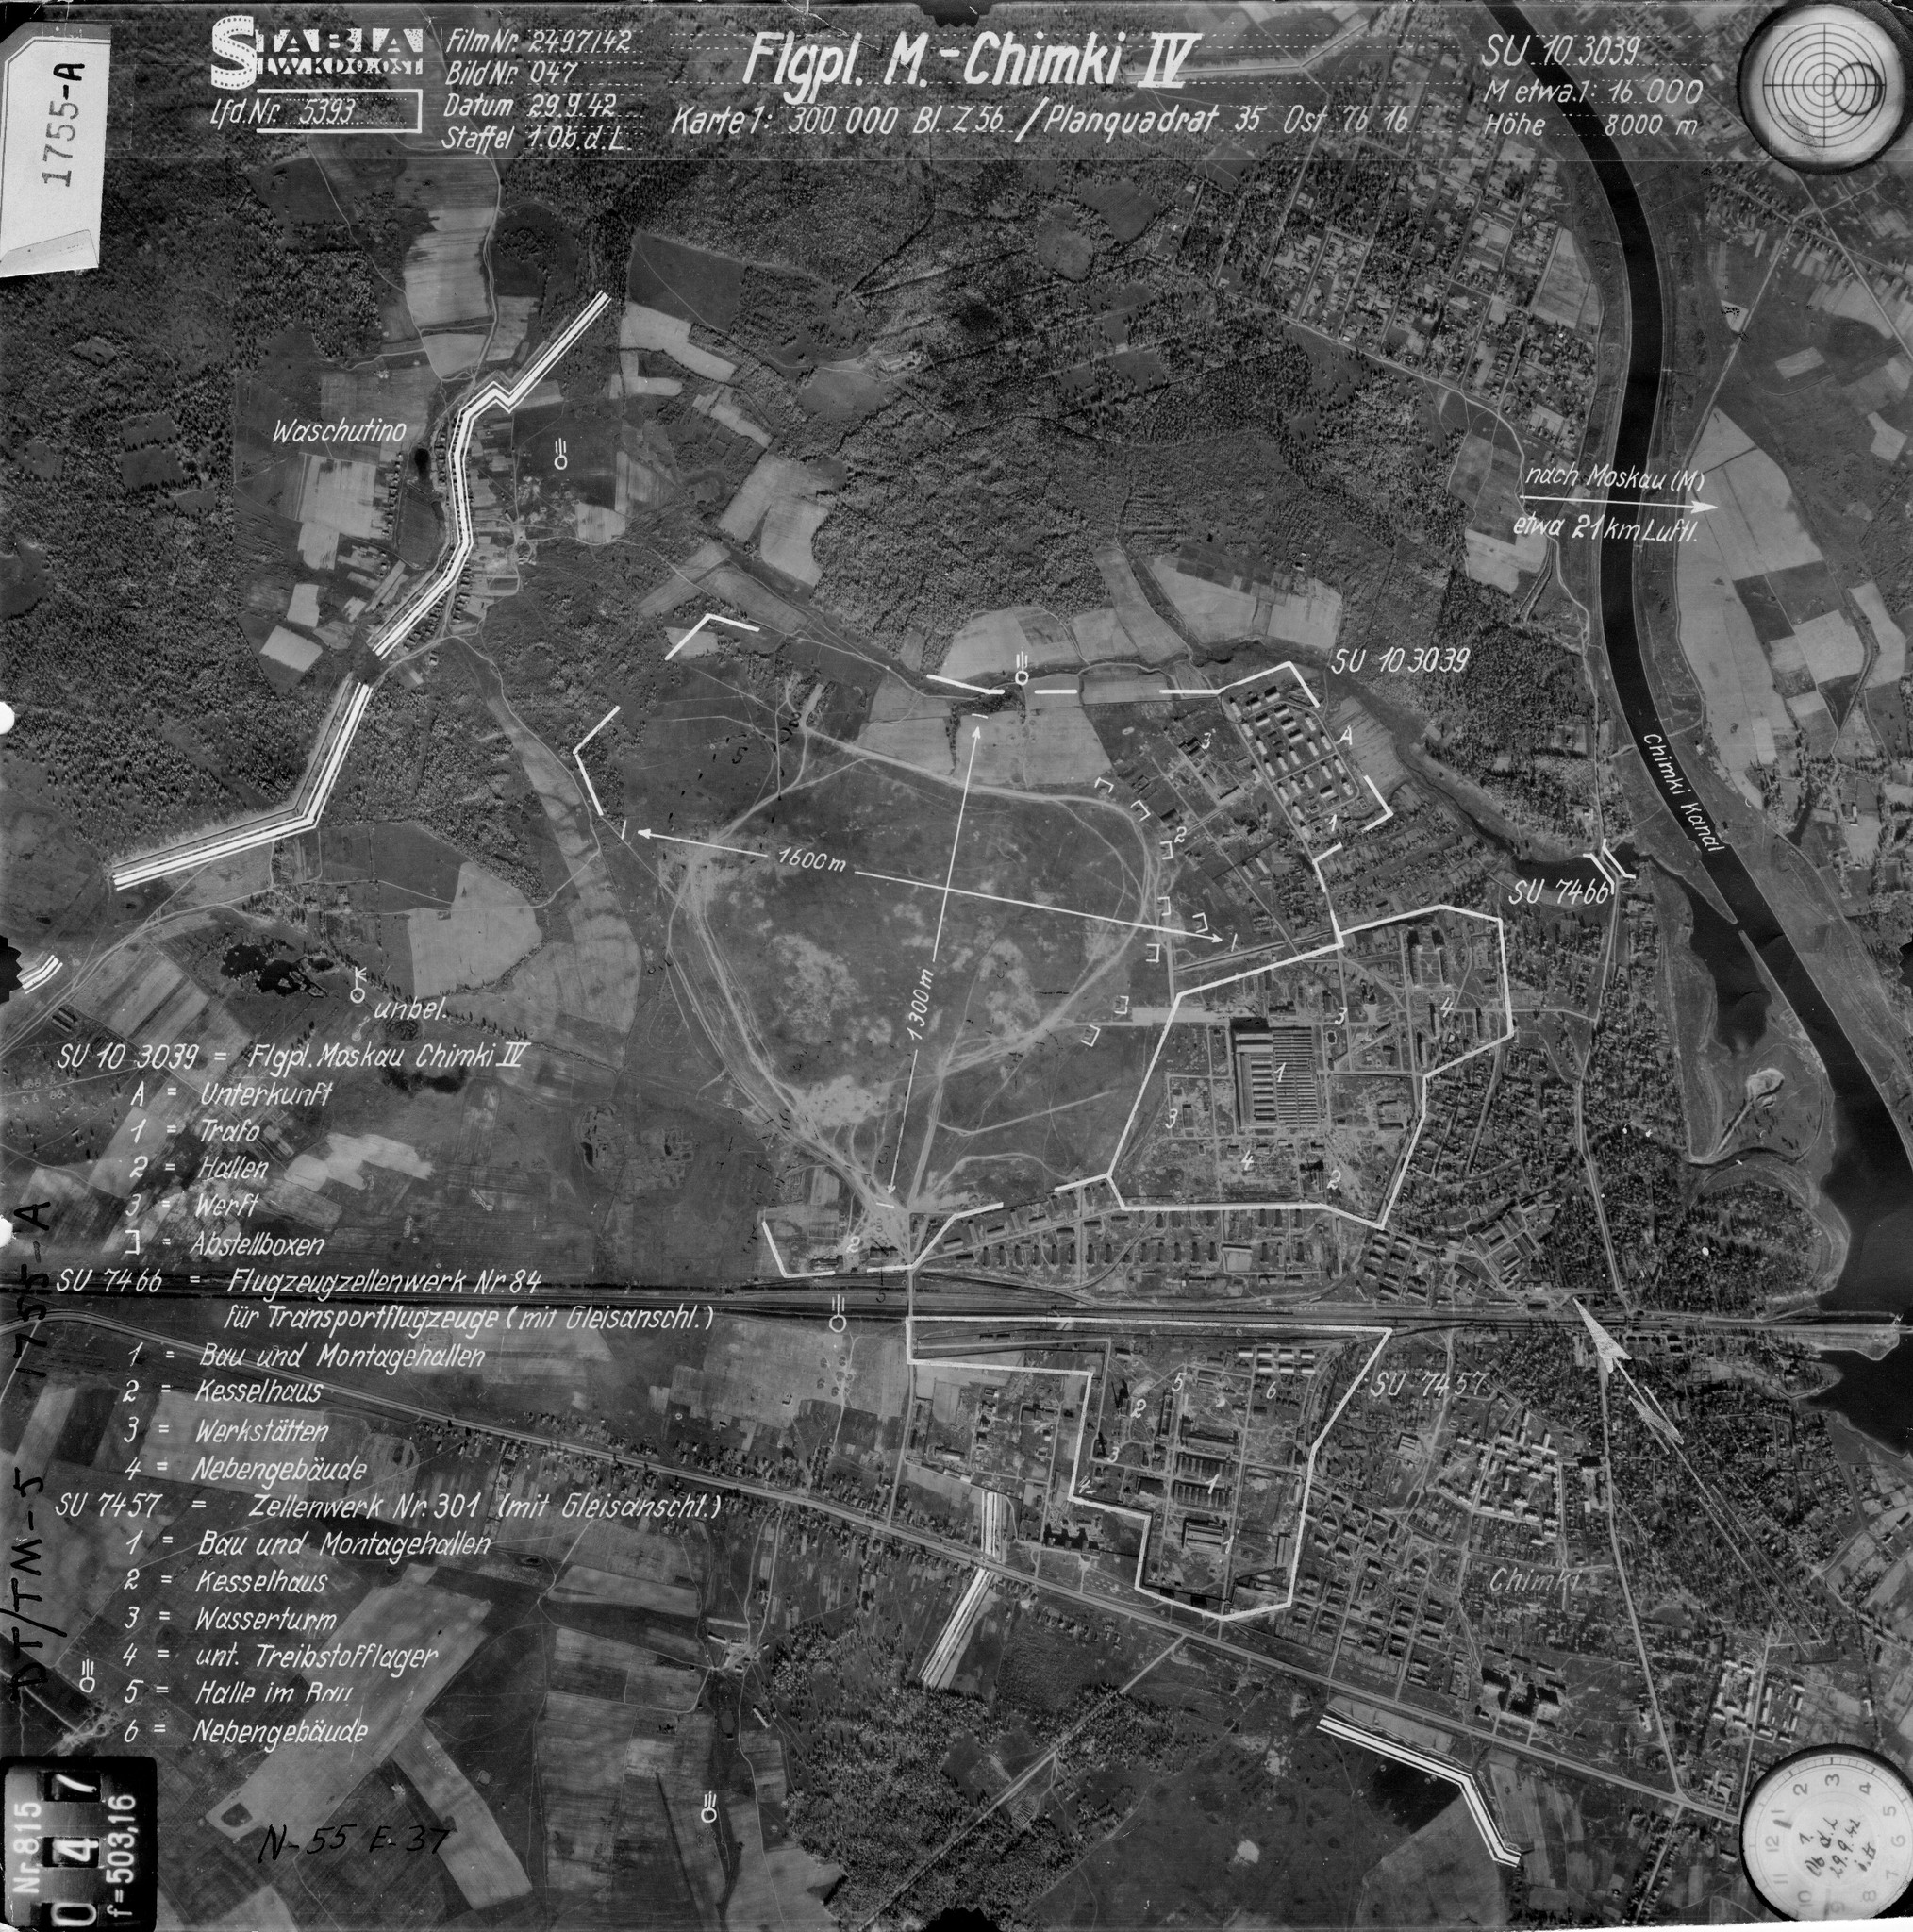 Фото 1. Немецкая аэрофотосъёмка территории авиазаводов №84 и №301 в г. Химки от 29 сентября 1942 г.